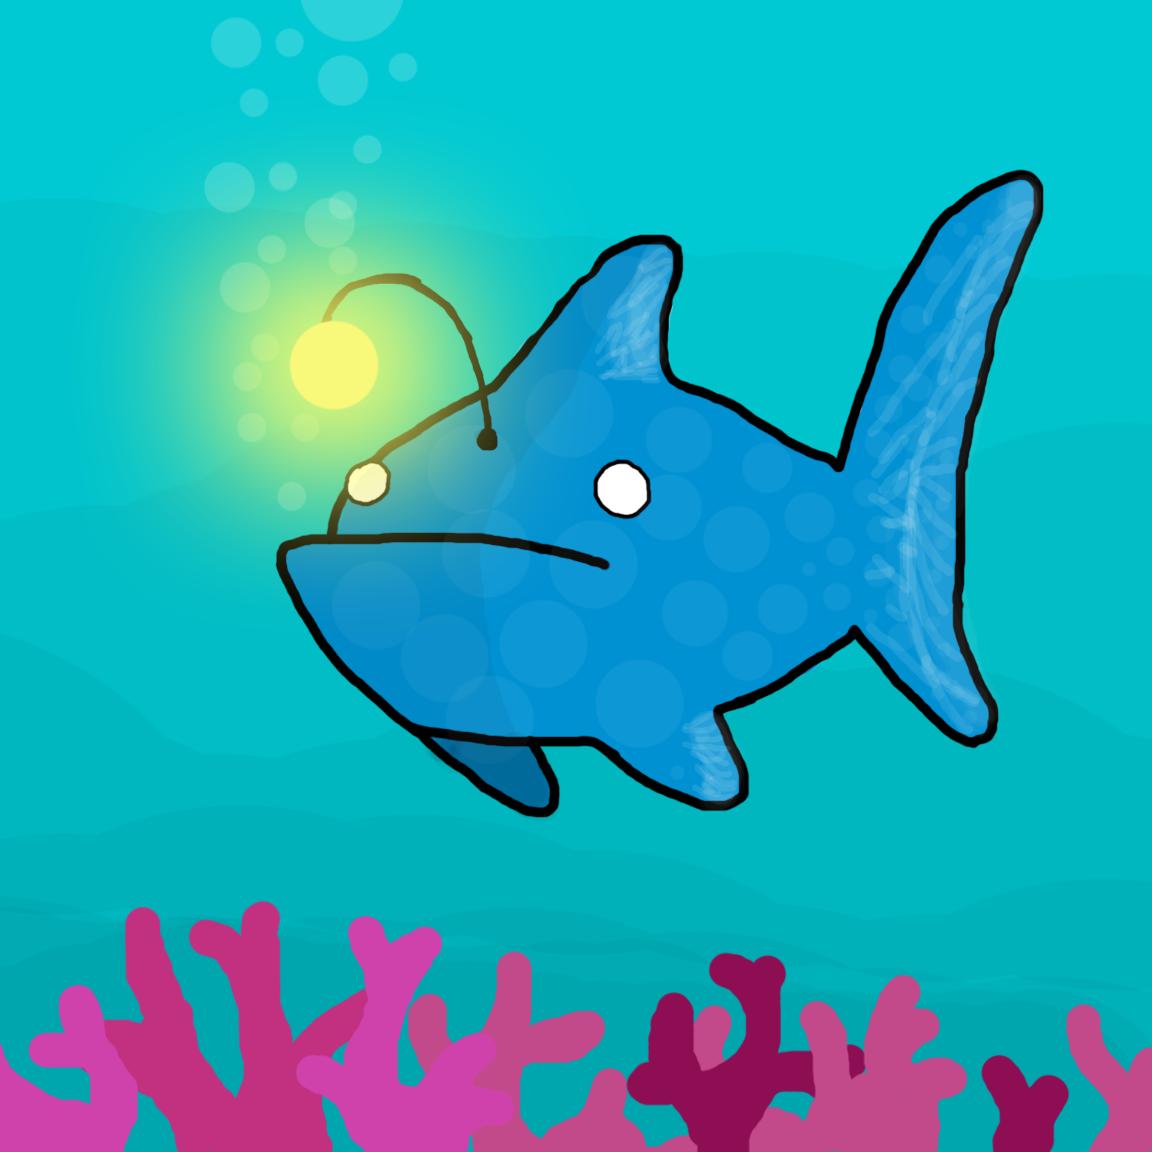 Here fishy fishy..